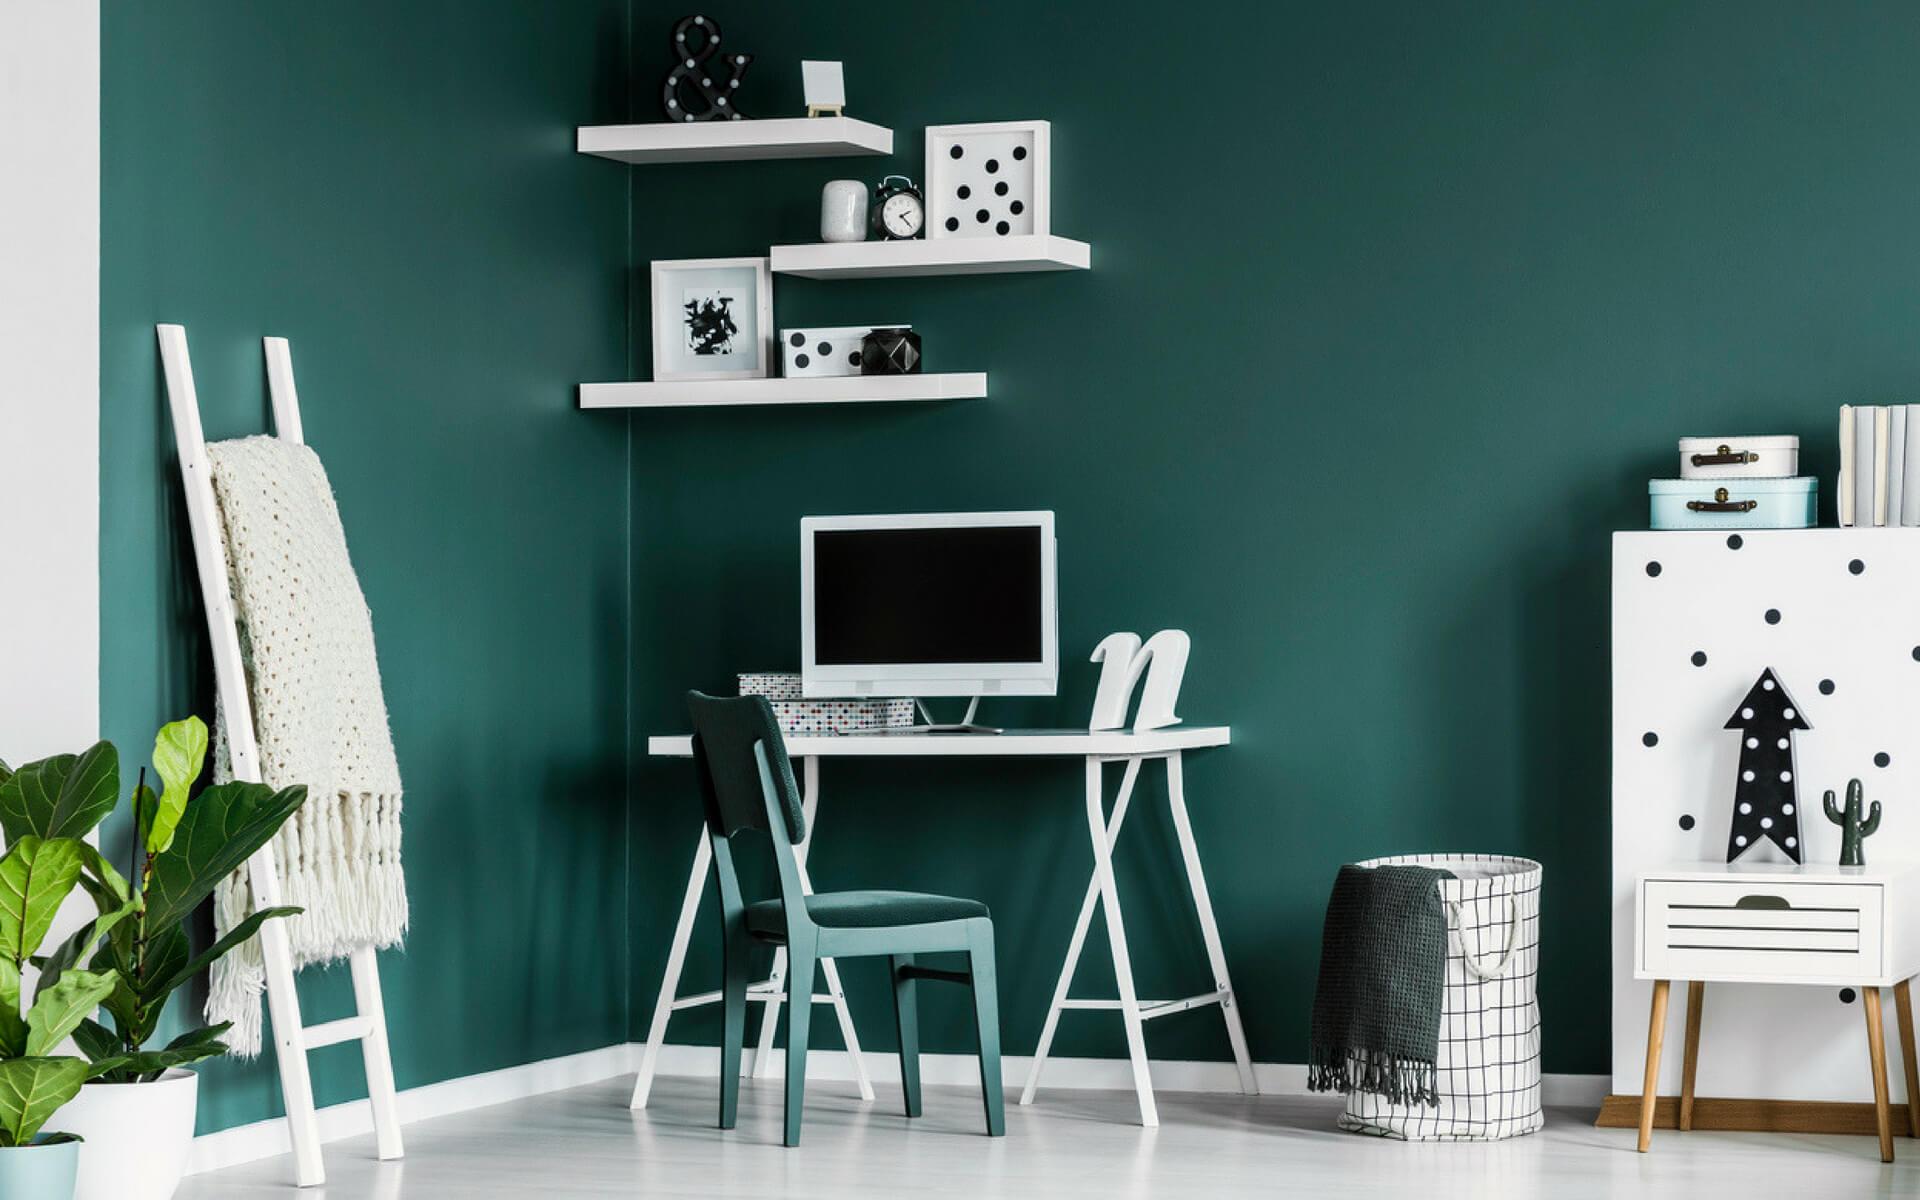 Una parete colorata dietro la scrivania darà un tocco unico all'angolo studio ed esalterà l'arredamento